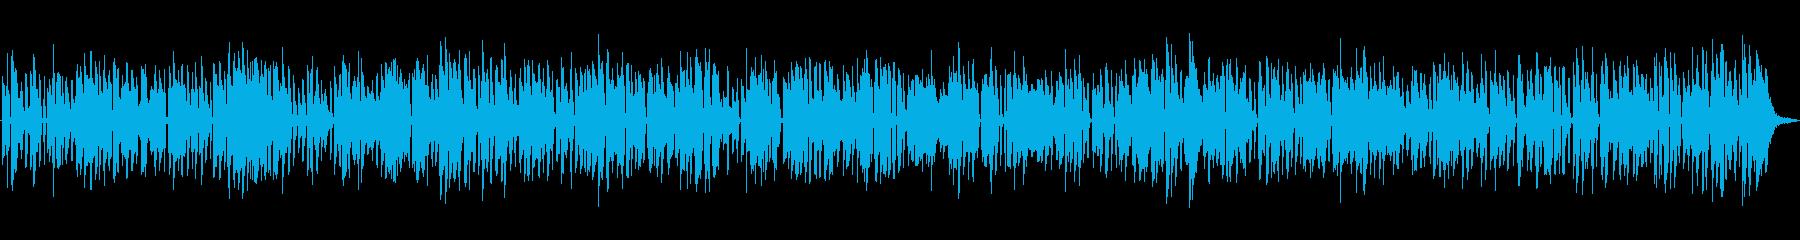 レトロでほのぼのした古臭いオールドジャズの再生済みの波形